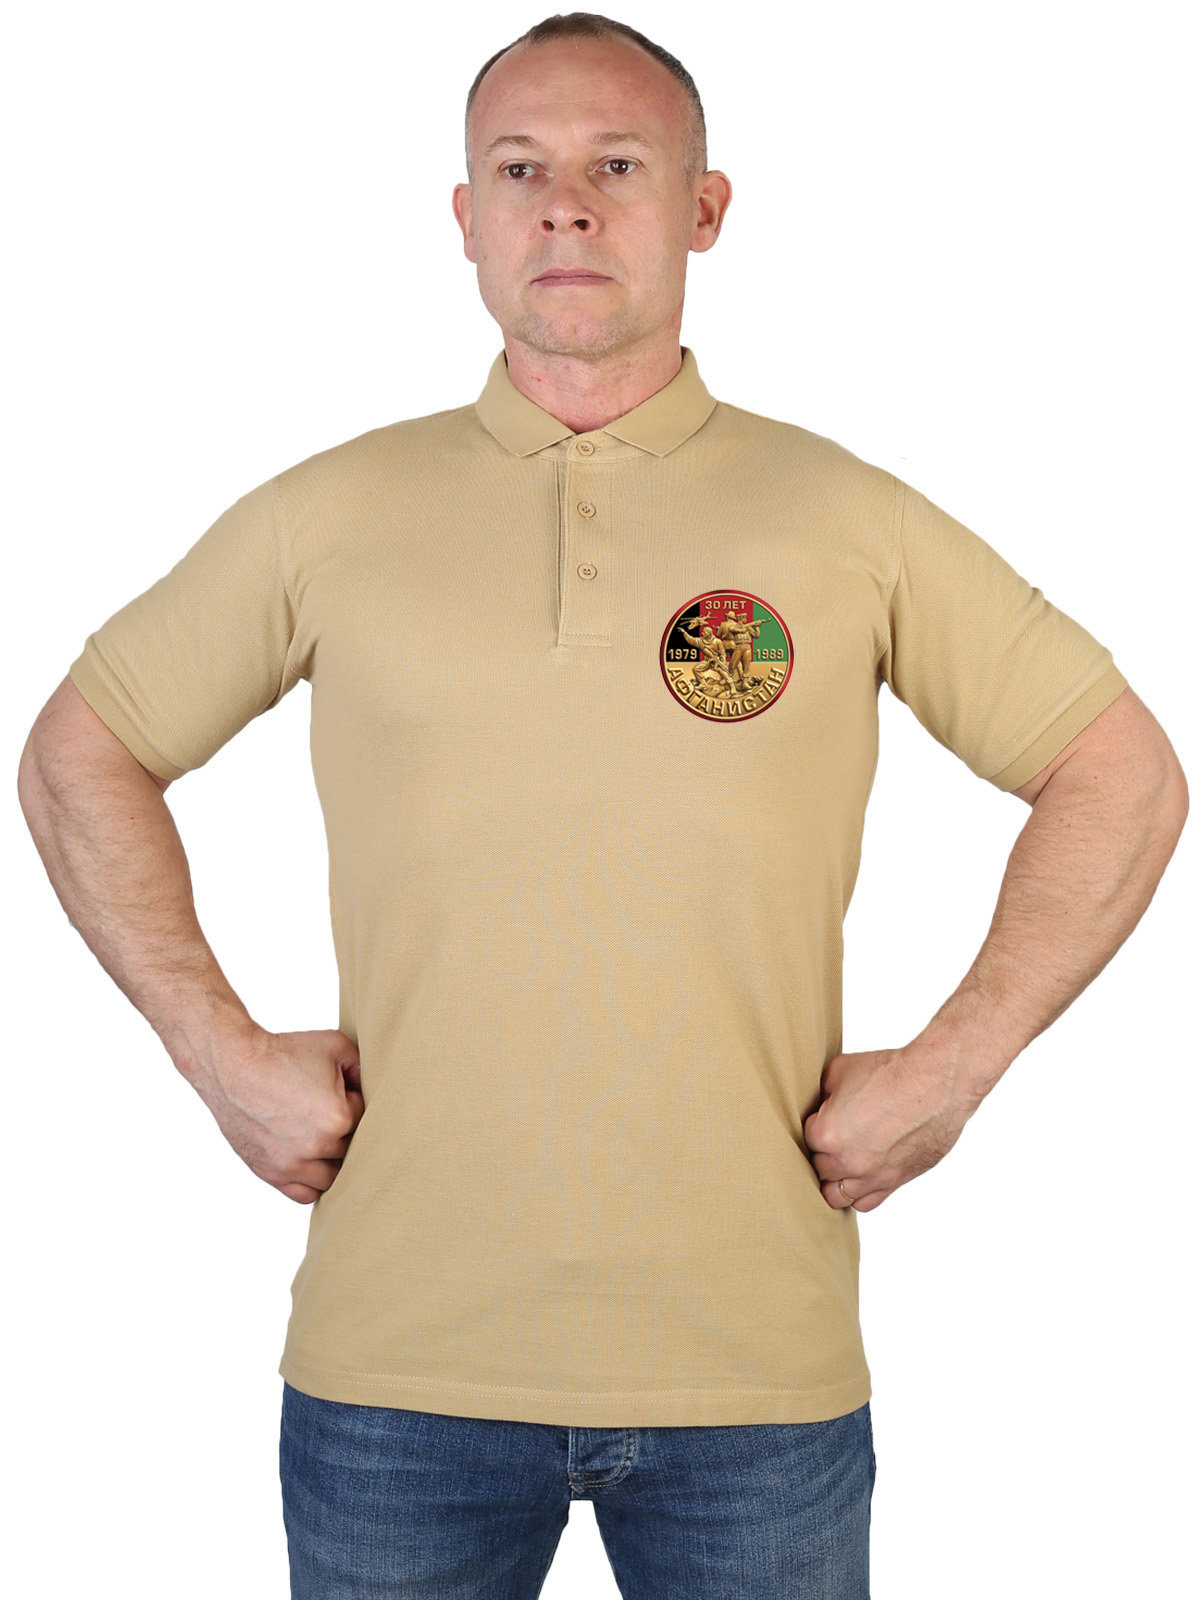 Купить песочную мужскую футболку-поло с термотрансфером Афган выгодно